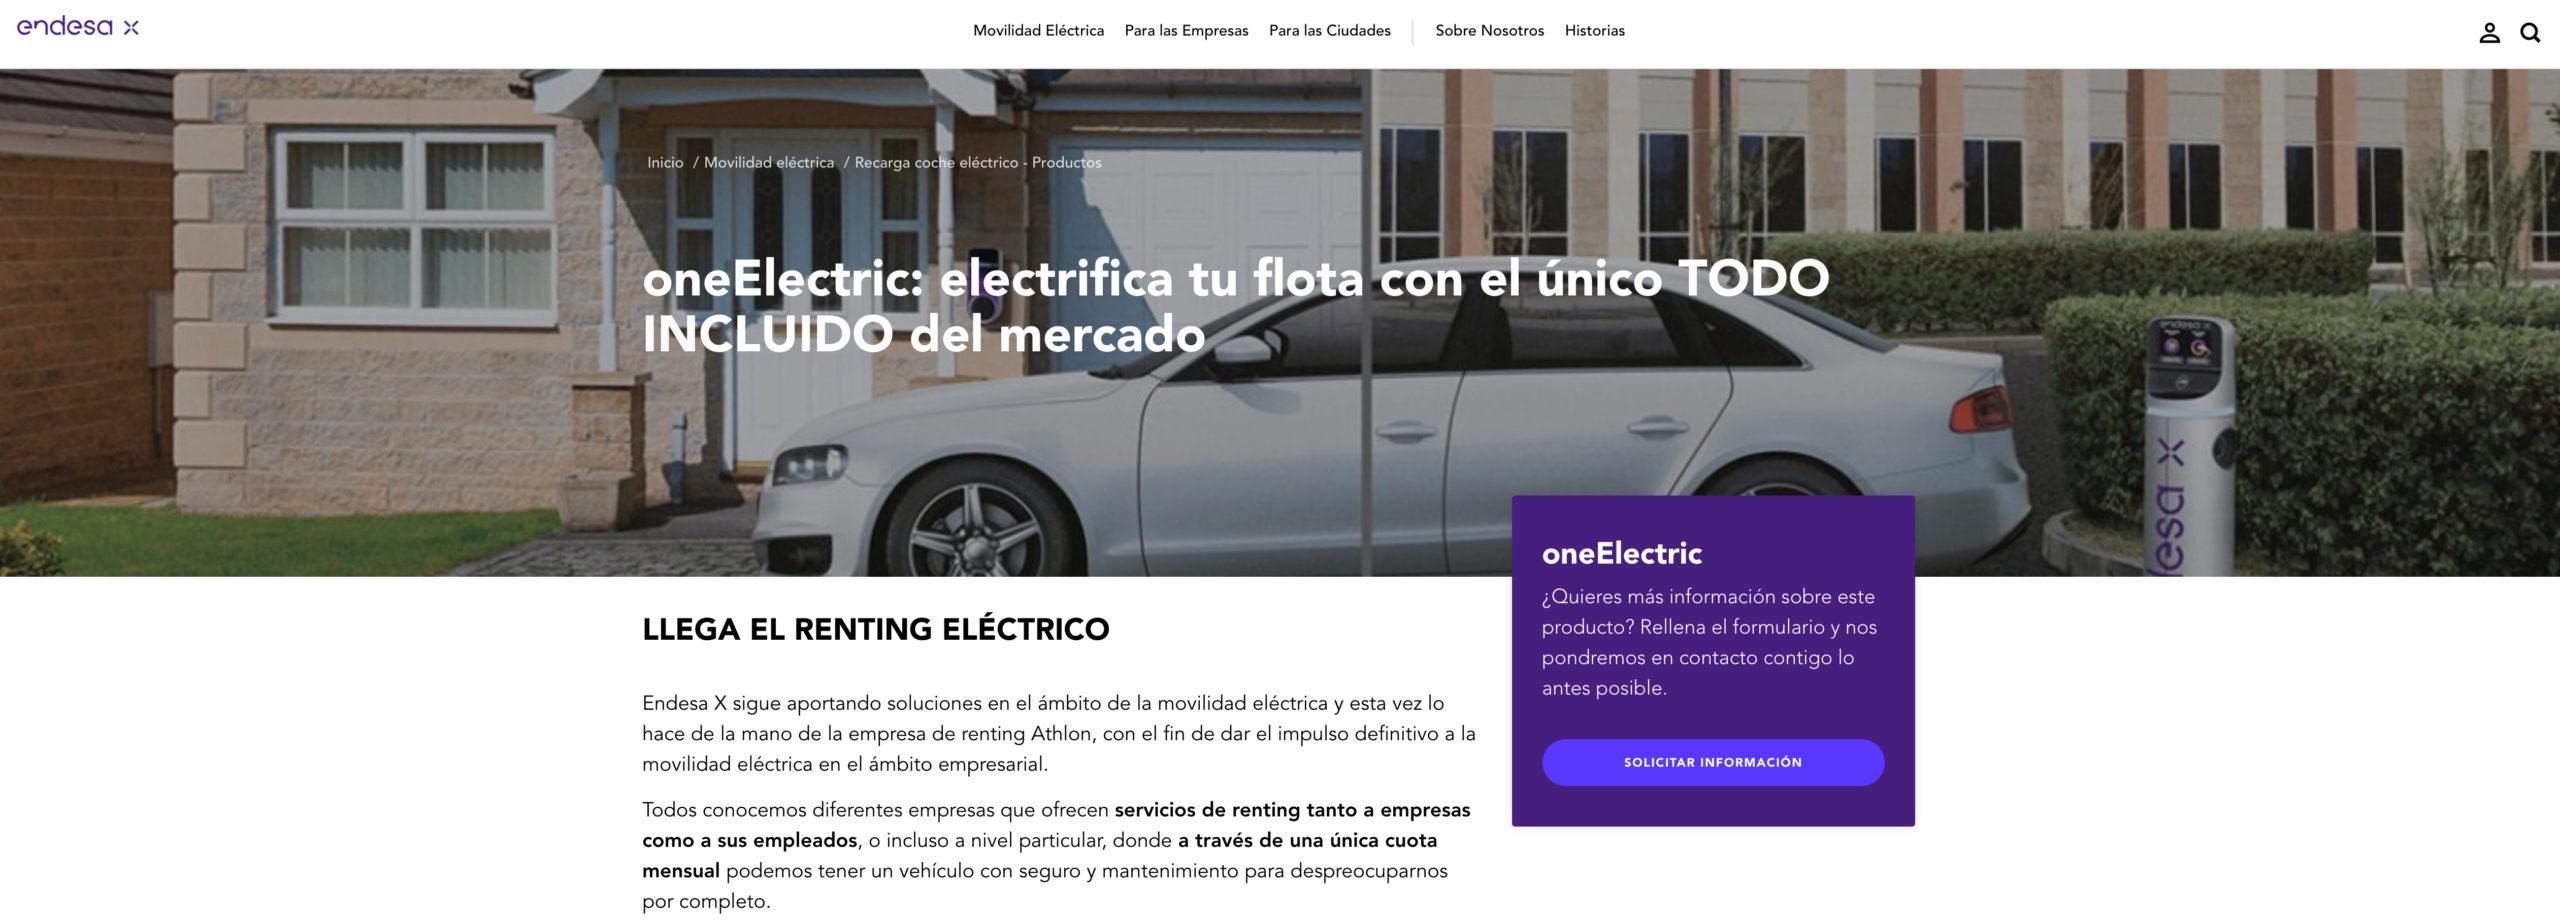 OneElectric, único renting eléctrico del mercado